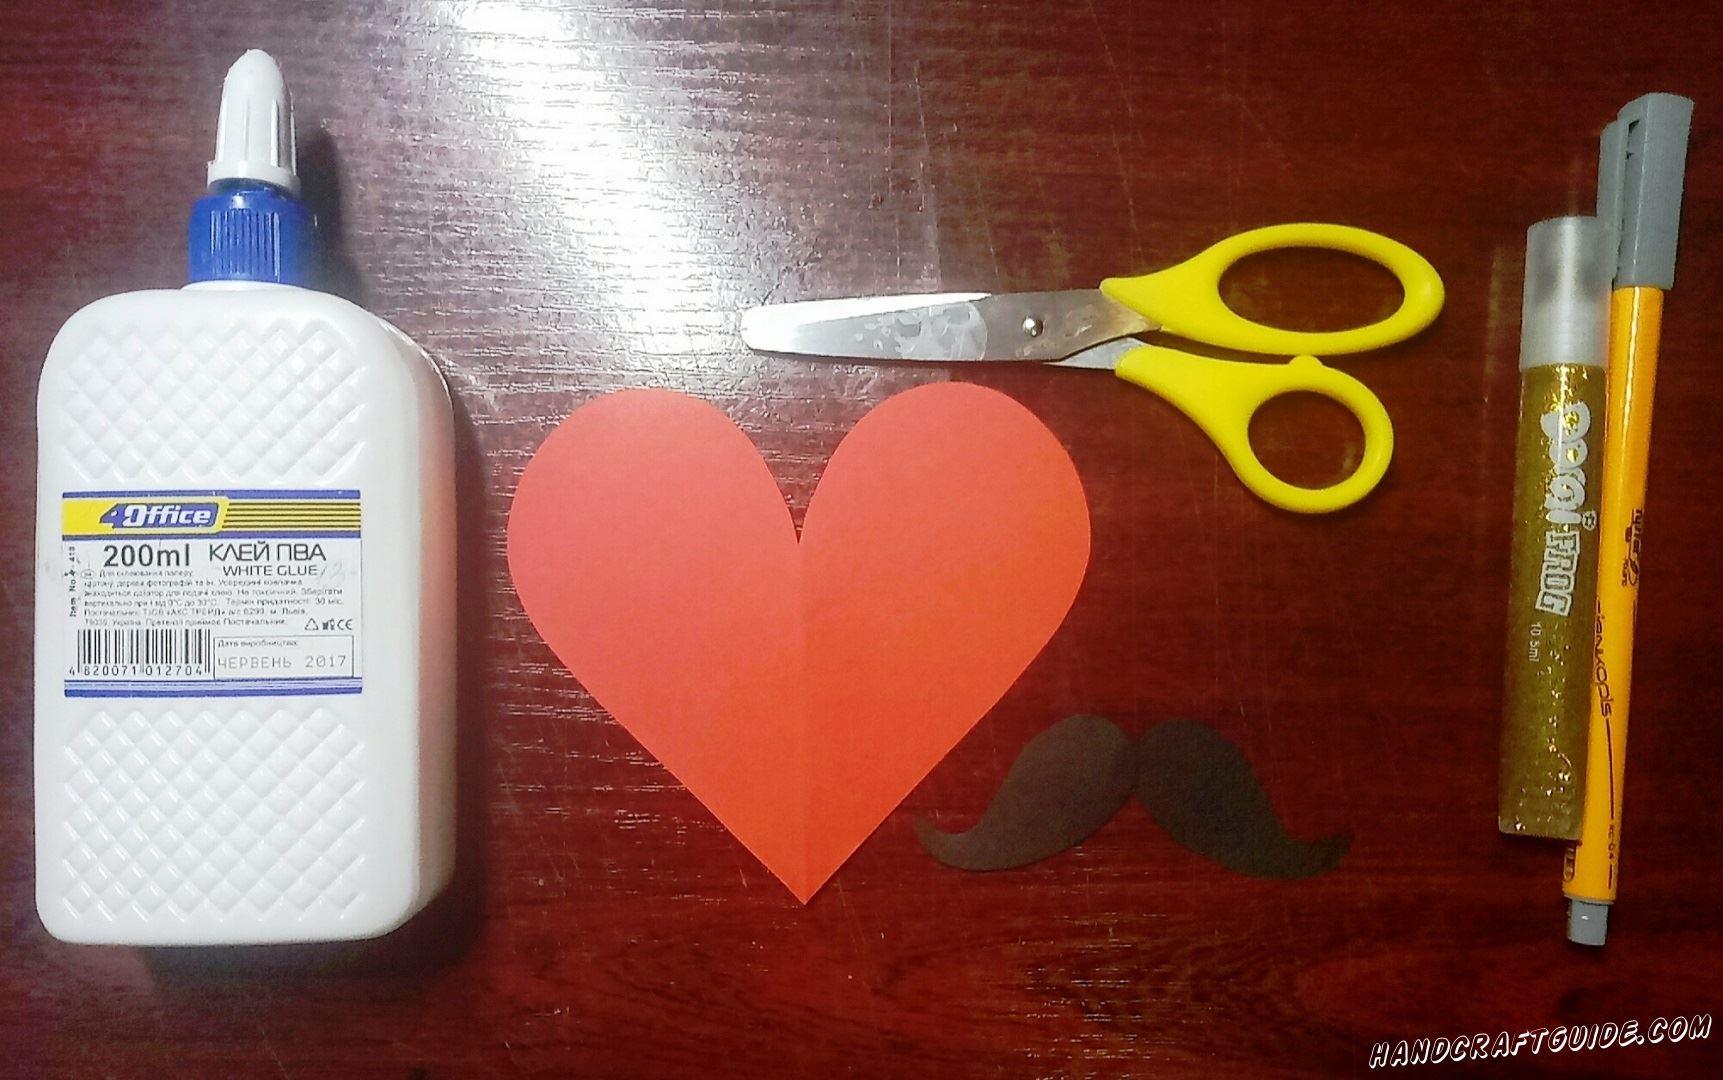 Вырезам сердечко из бумаги красного цвета. Также нам нужны бумажные усы, чёрного цвета.